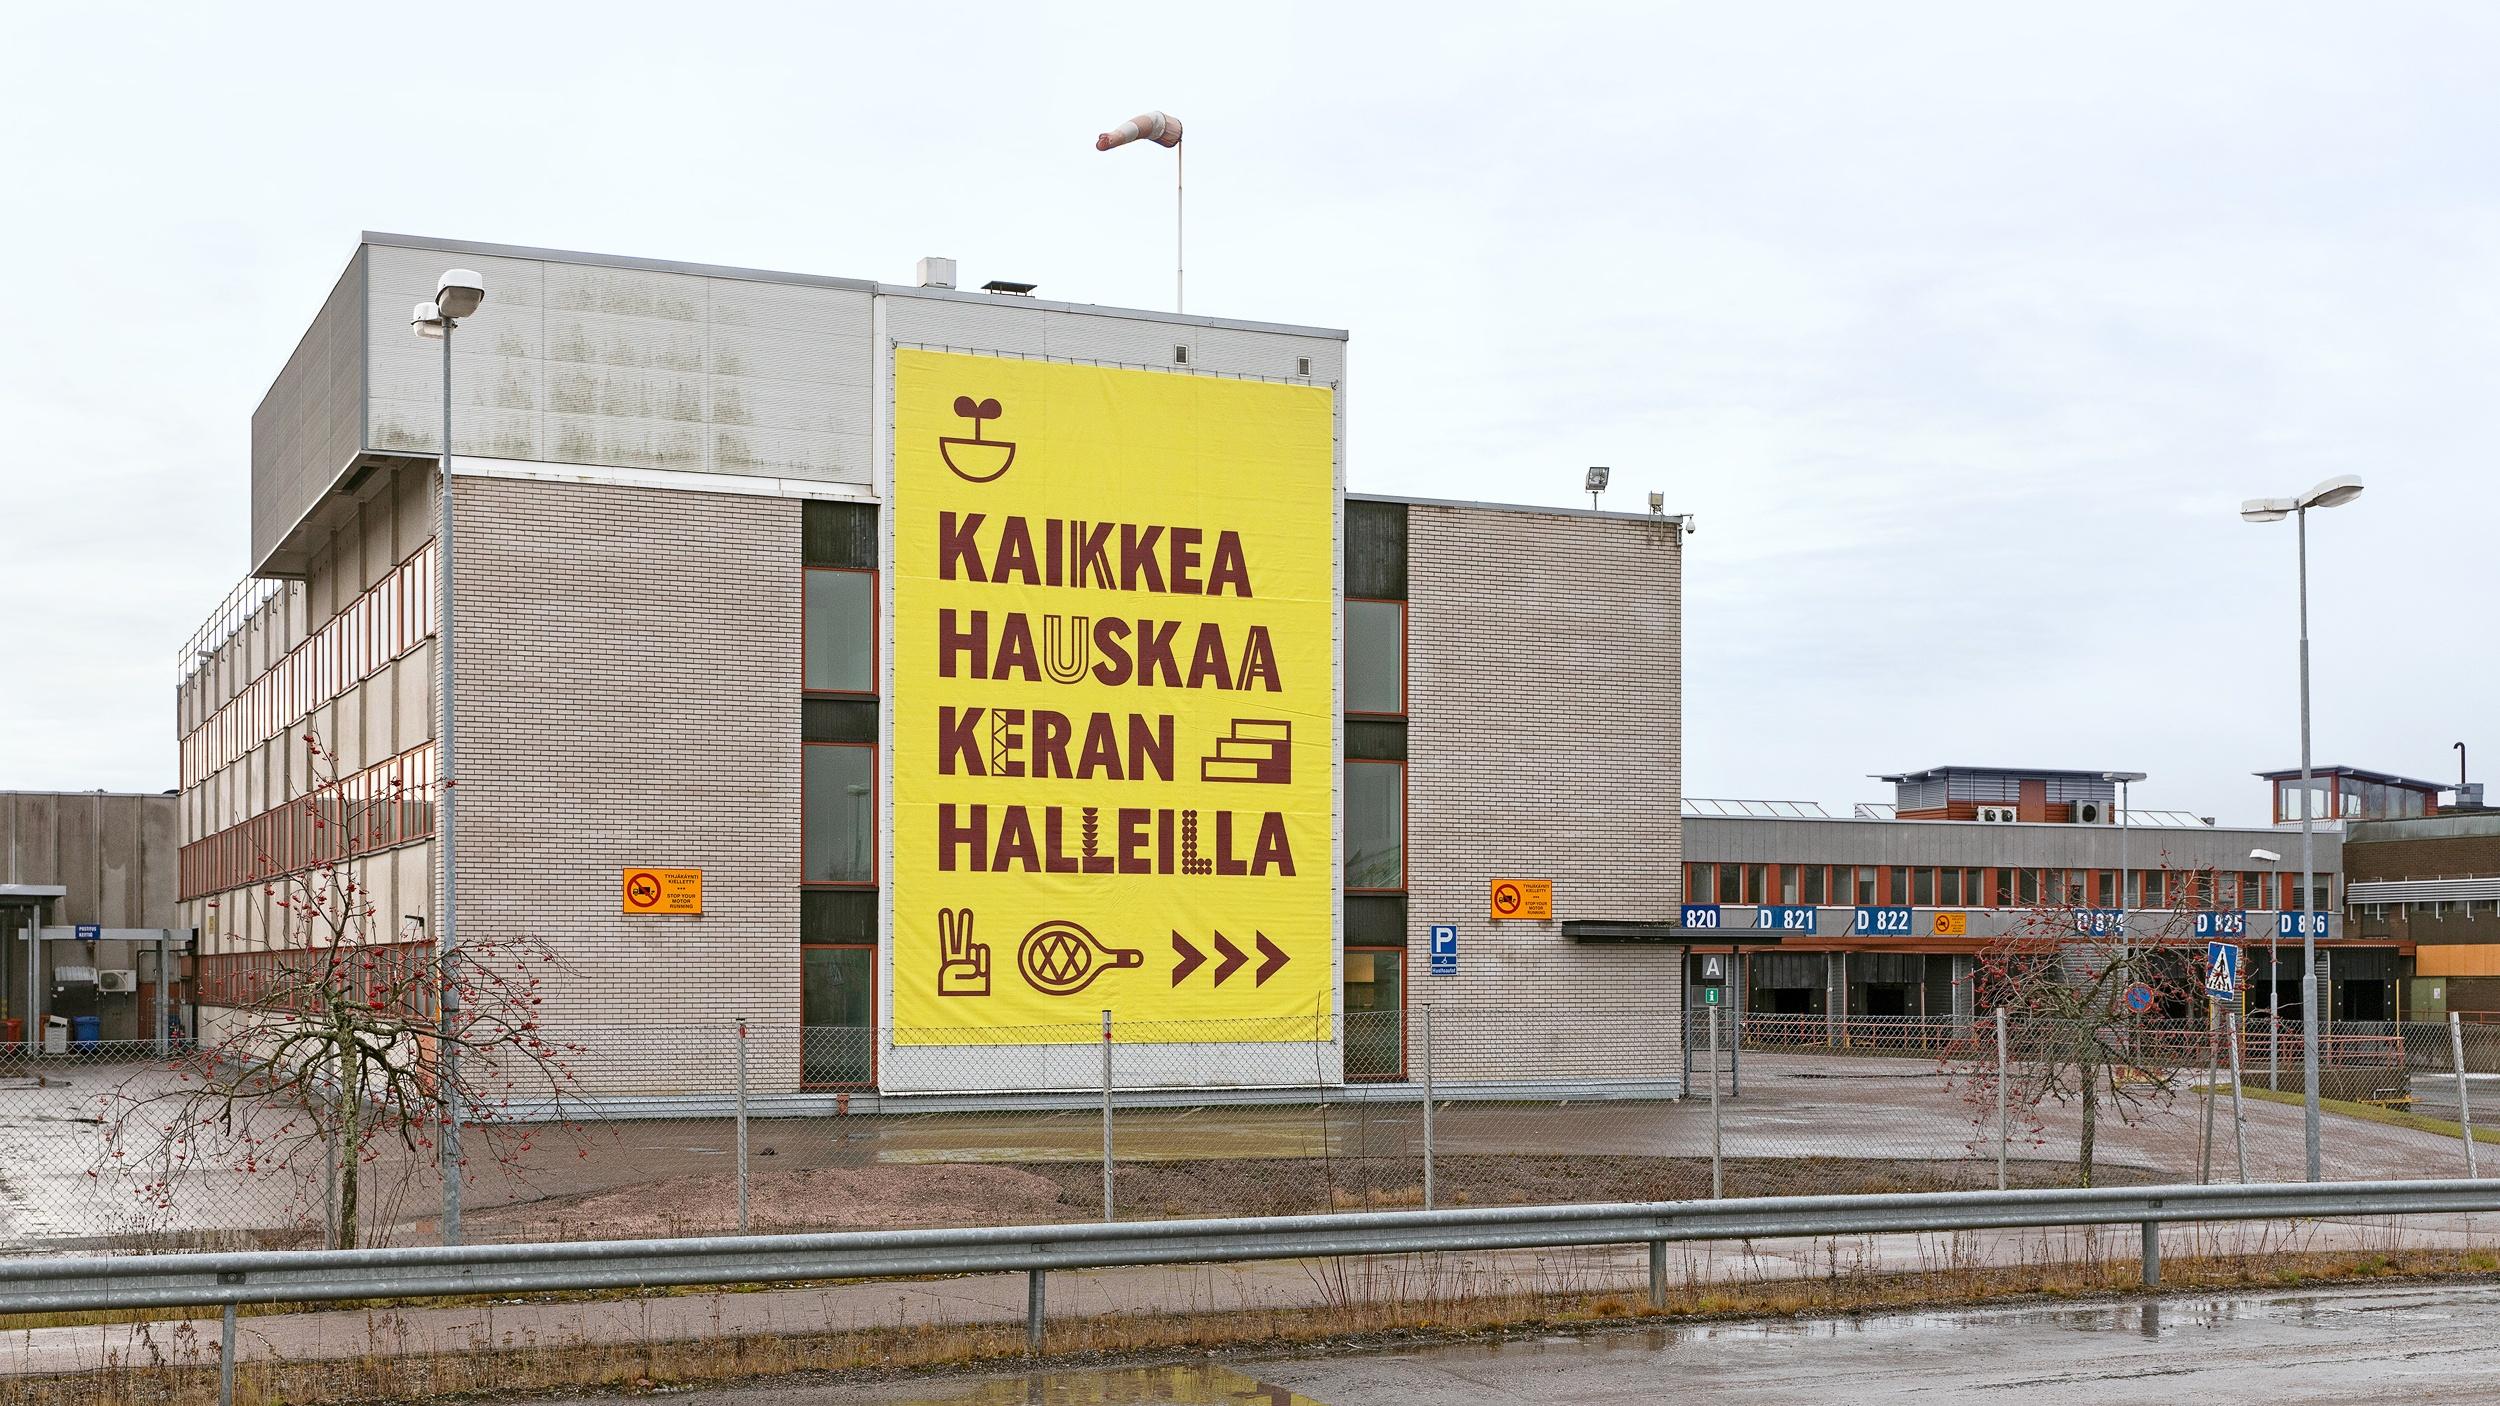 Keran Hallien iso banderolli, jossa näkyvät fontti ja piktogrammit